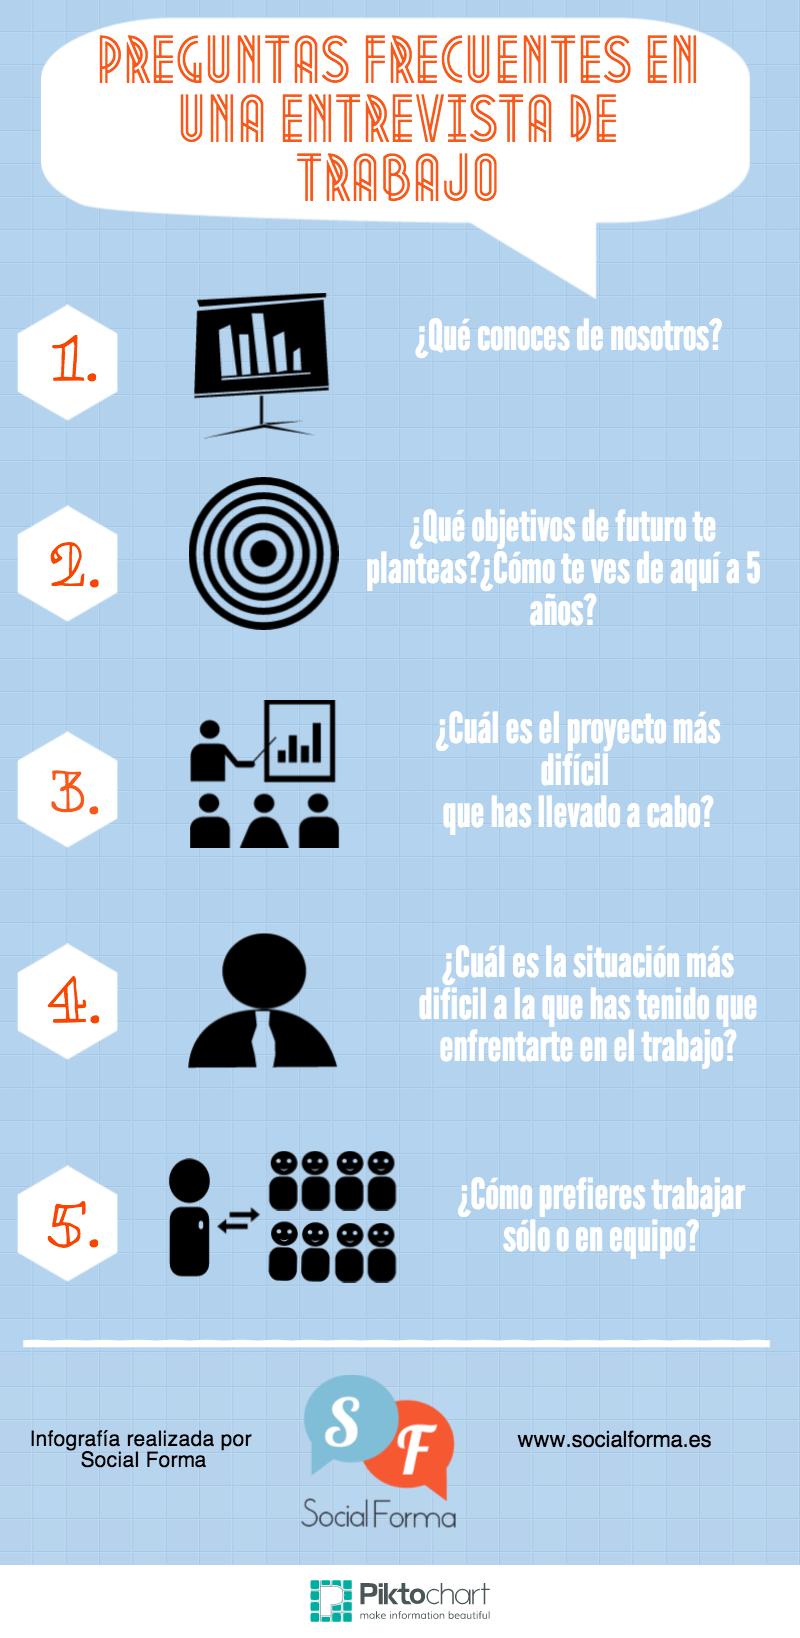 Preguntas Frecuentes En Las Entrevistas De Trabajo Infografia Infographic Empleo Tics Y Formación Entrevista De Trabajo Preguntas Entrevista De Trabajo Como Encontrar Trabajo